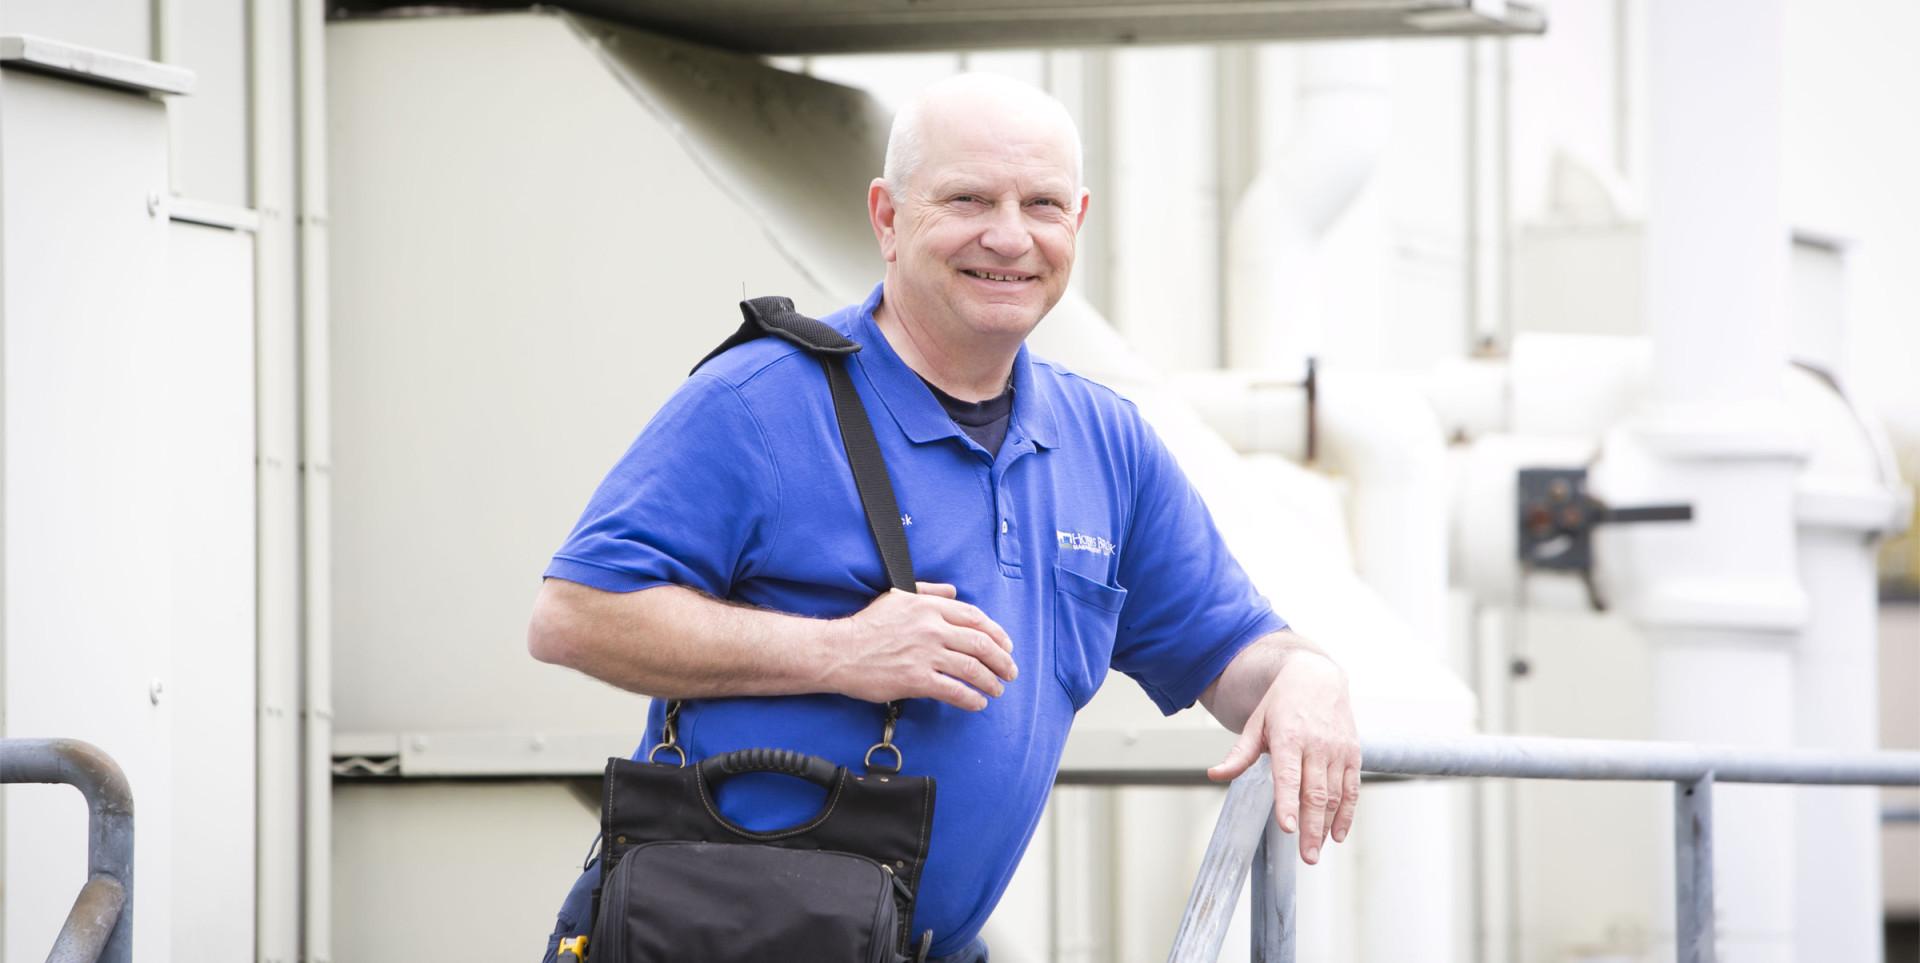 Facilities Management – Meet Chuck